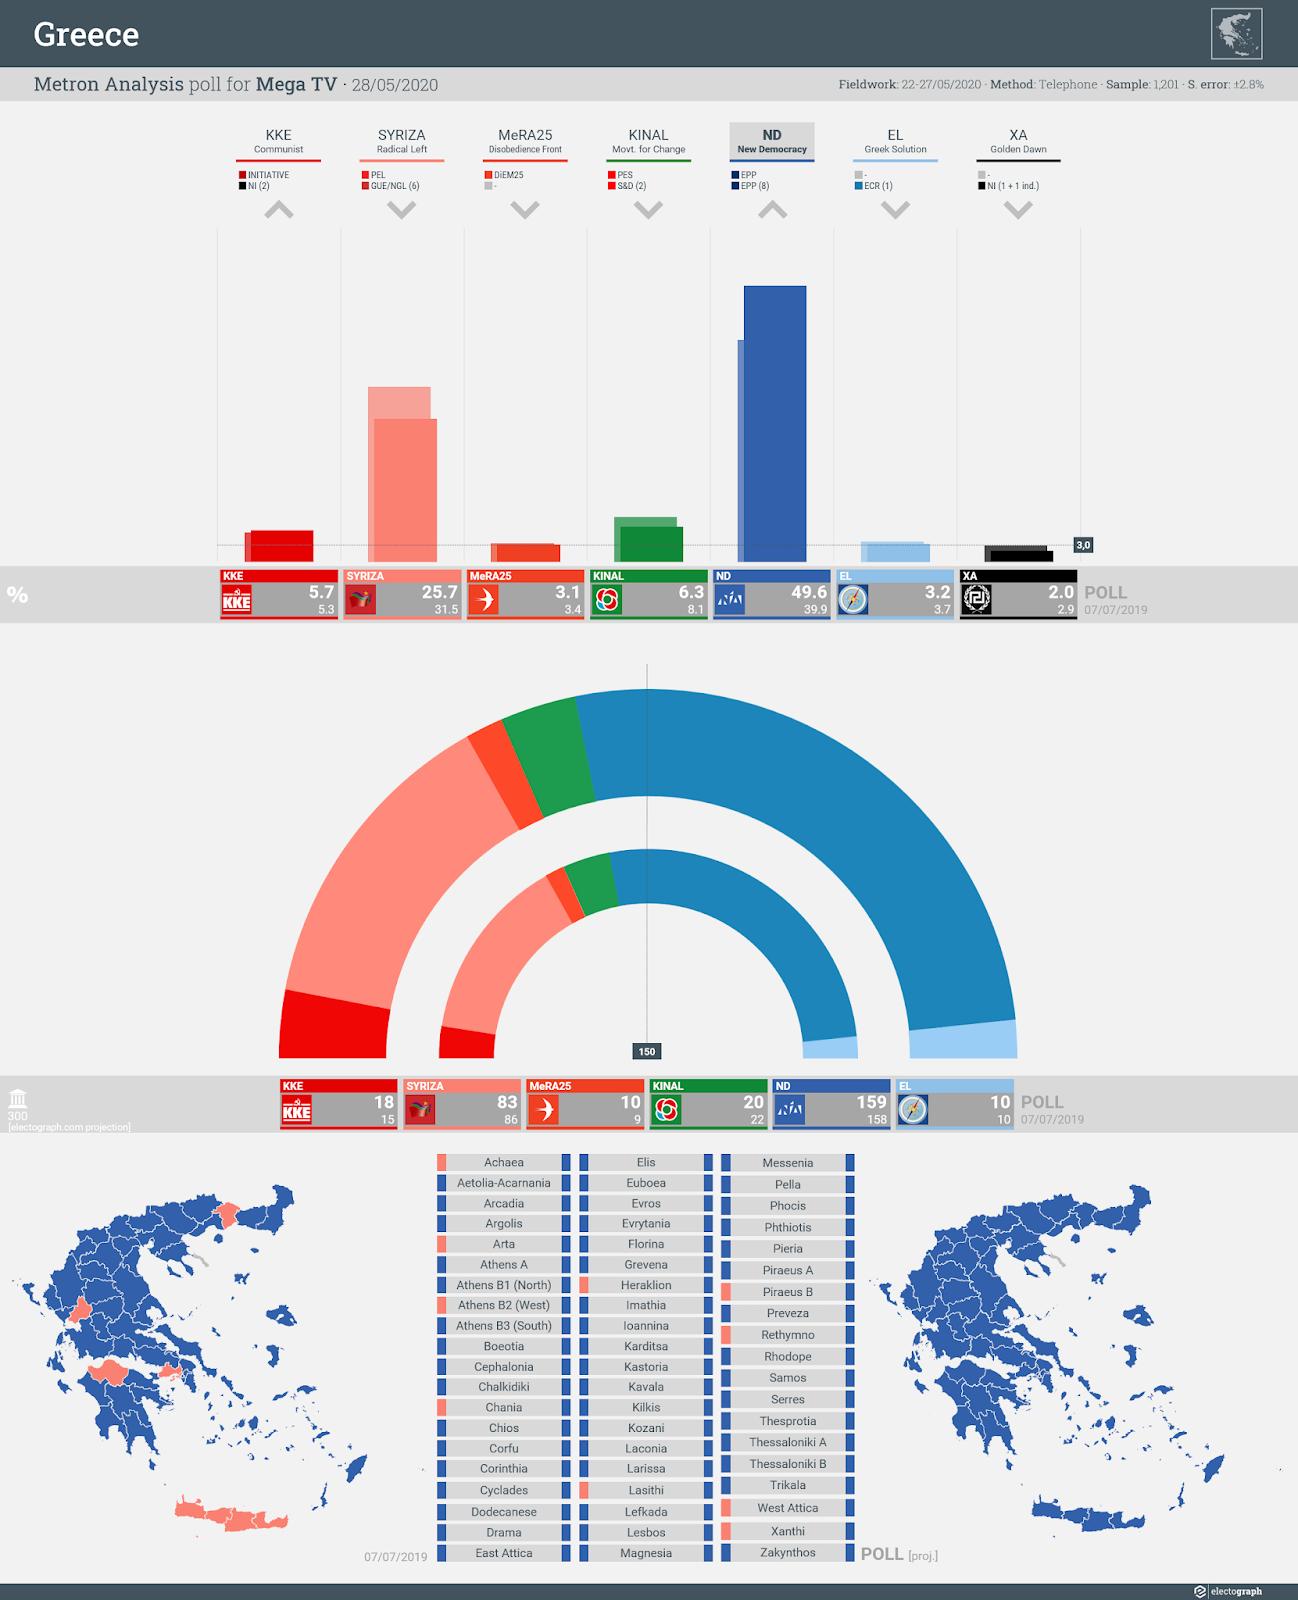 GREECE: Metron Analysis poll chart for Mega TV, 28 May 2020